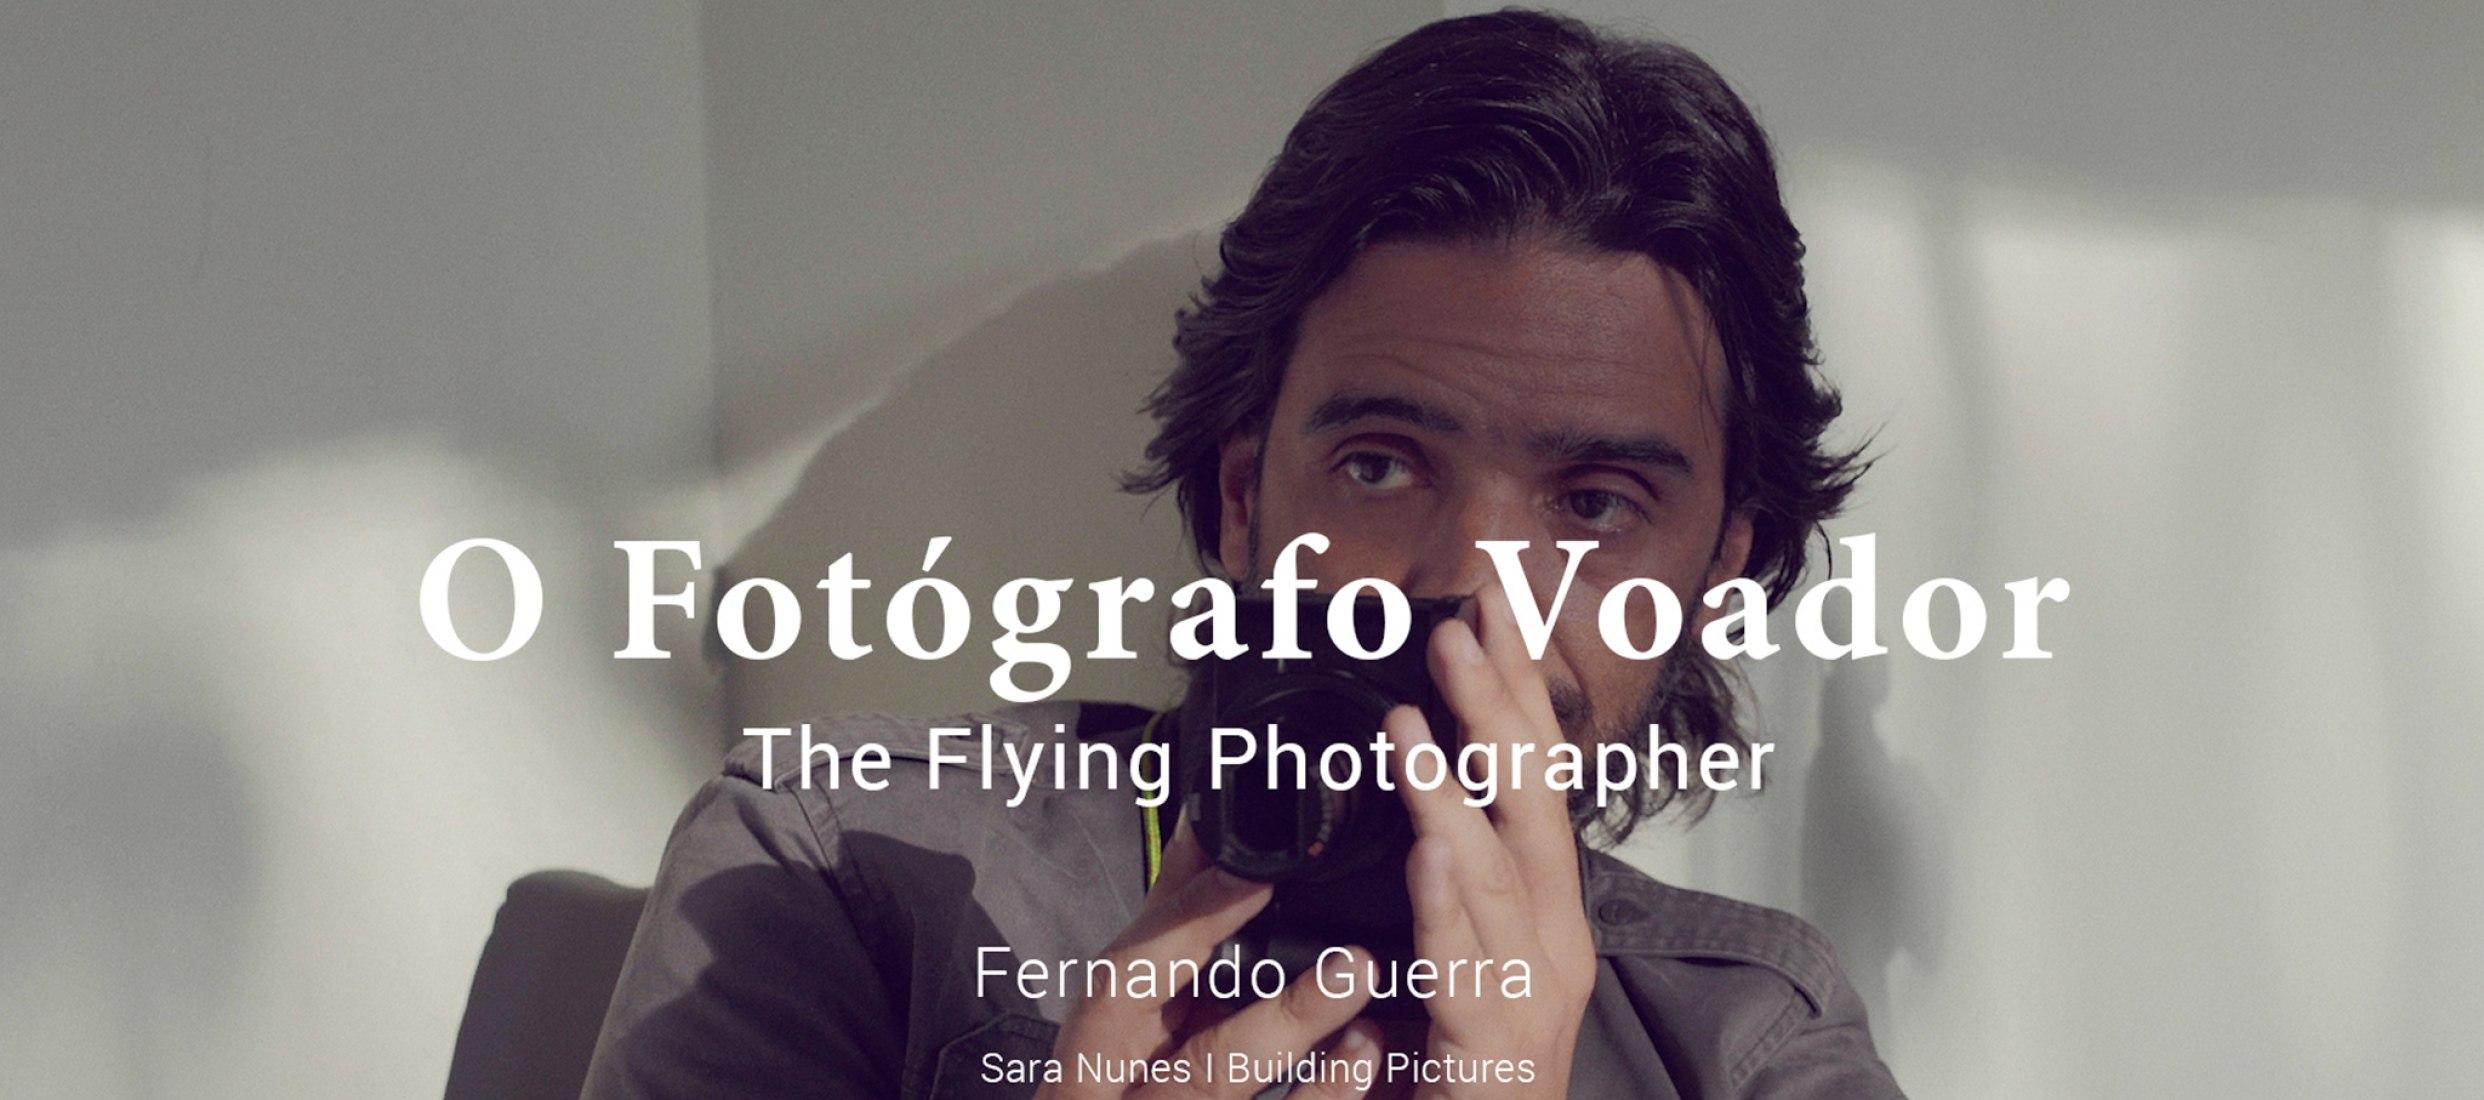 The Flying Photographer/El fotógrafo volador. Documental sobre Fernando Guerra por Sara Nunes ©buildingpictures